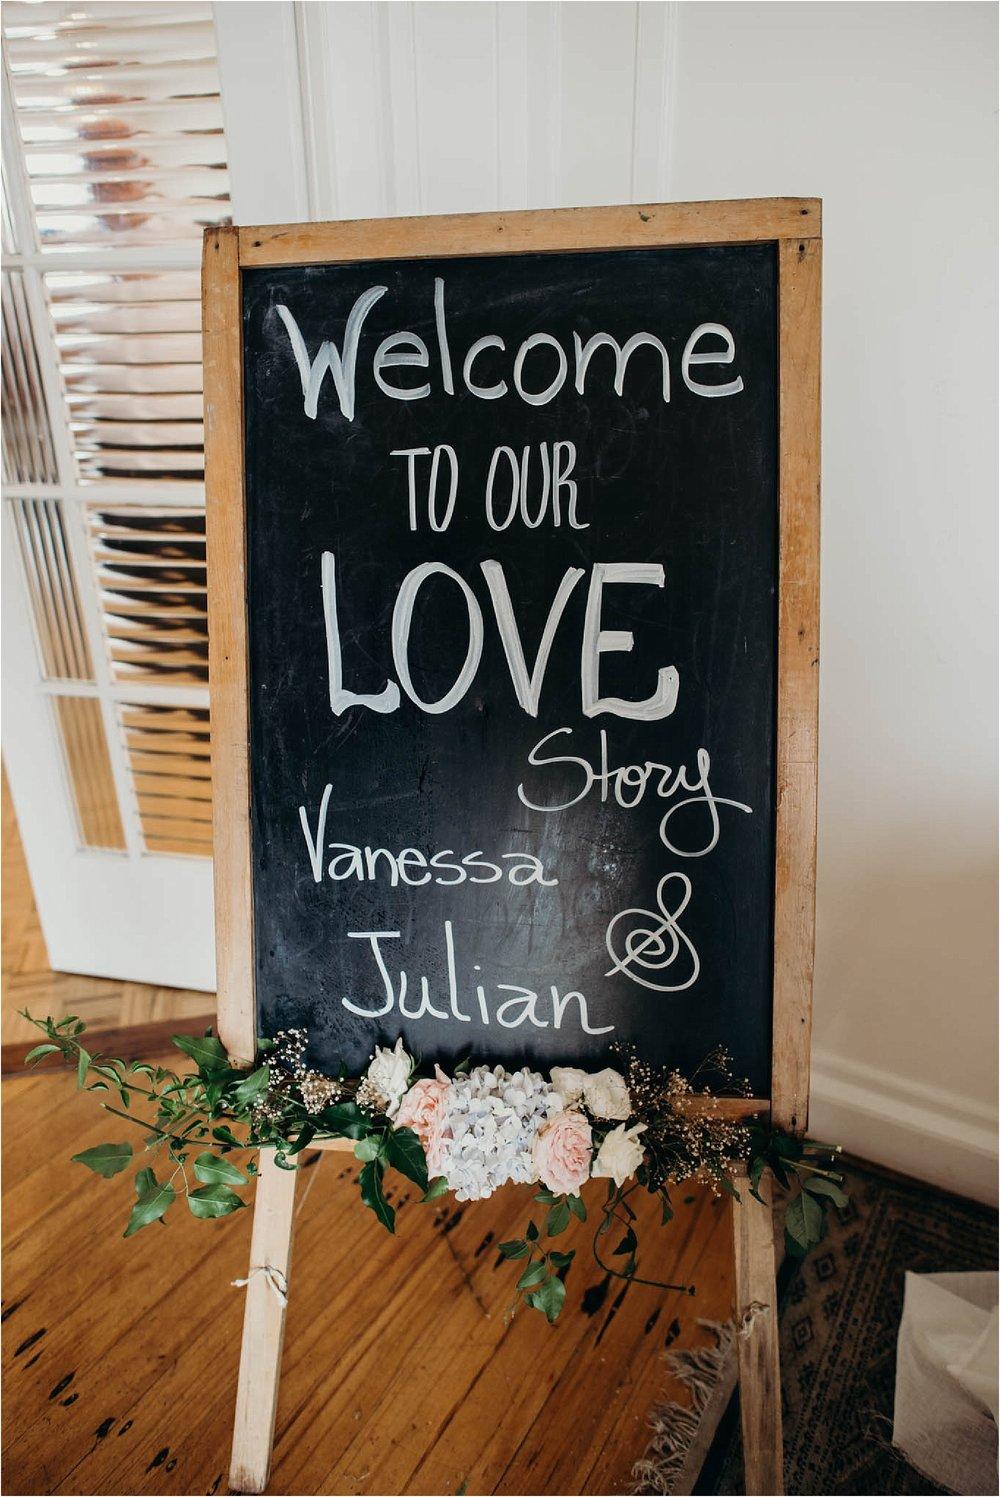 Auckland-Wedding-Photographer-Vanessa-Julian-Officers-Mess-Married_0021.jpg